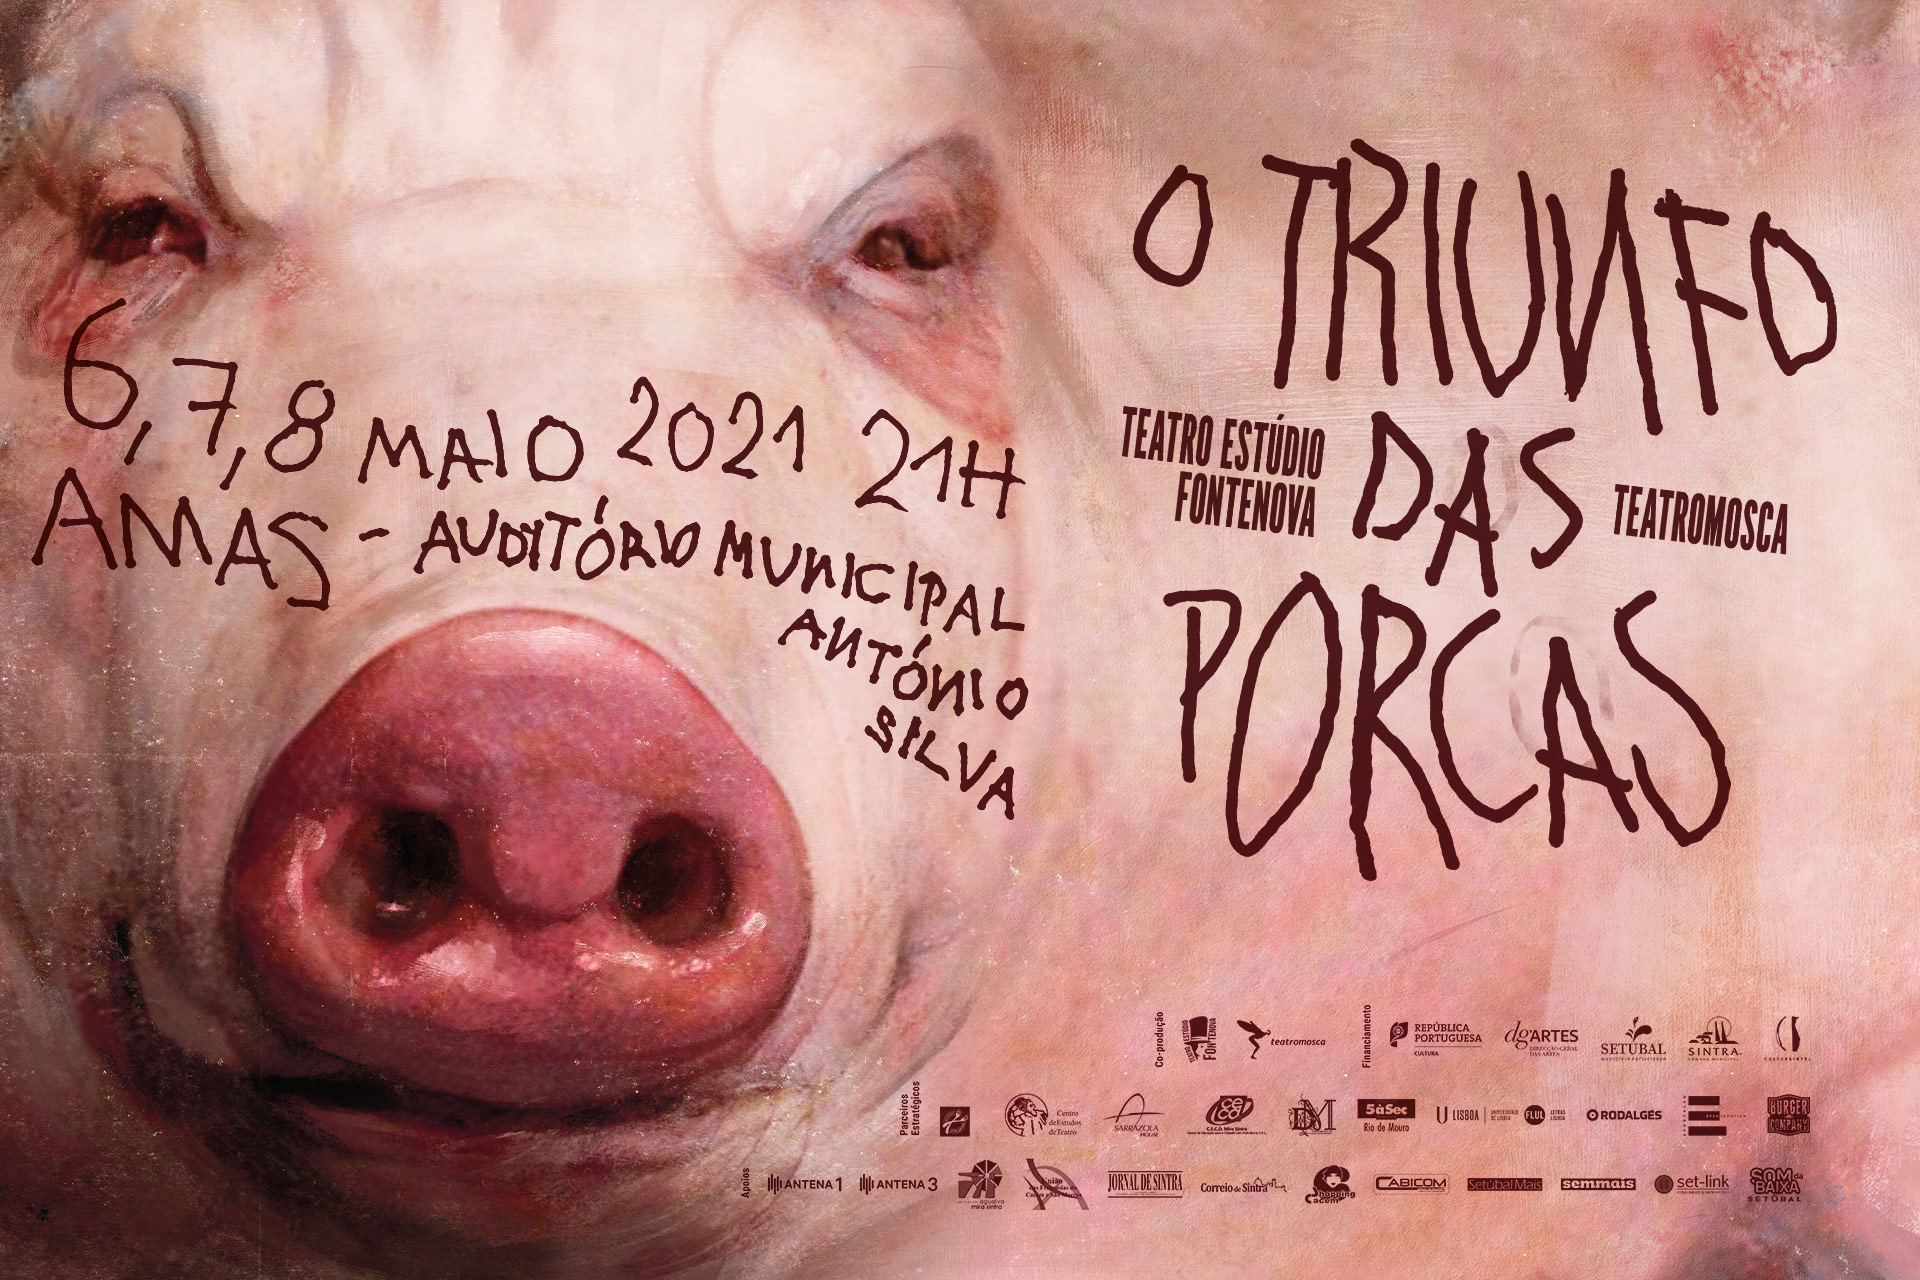 O Triunfo das Porcas